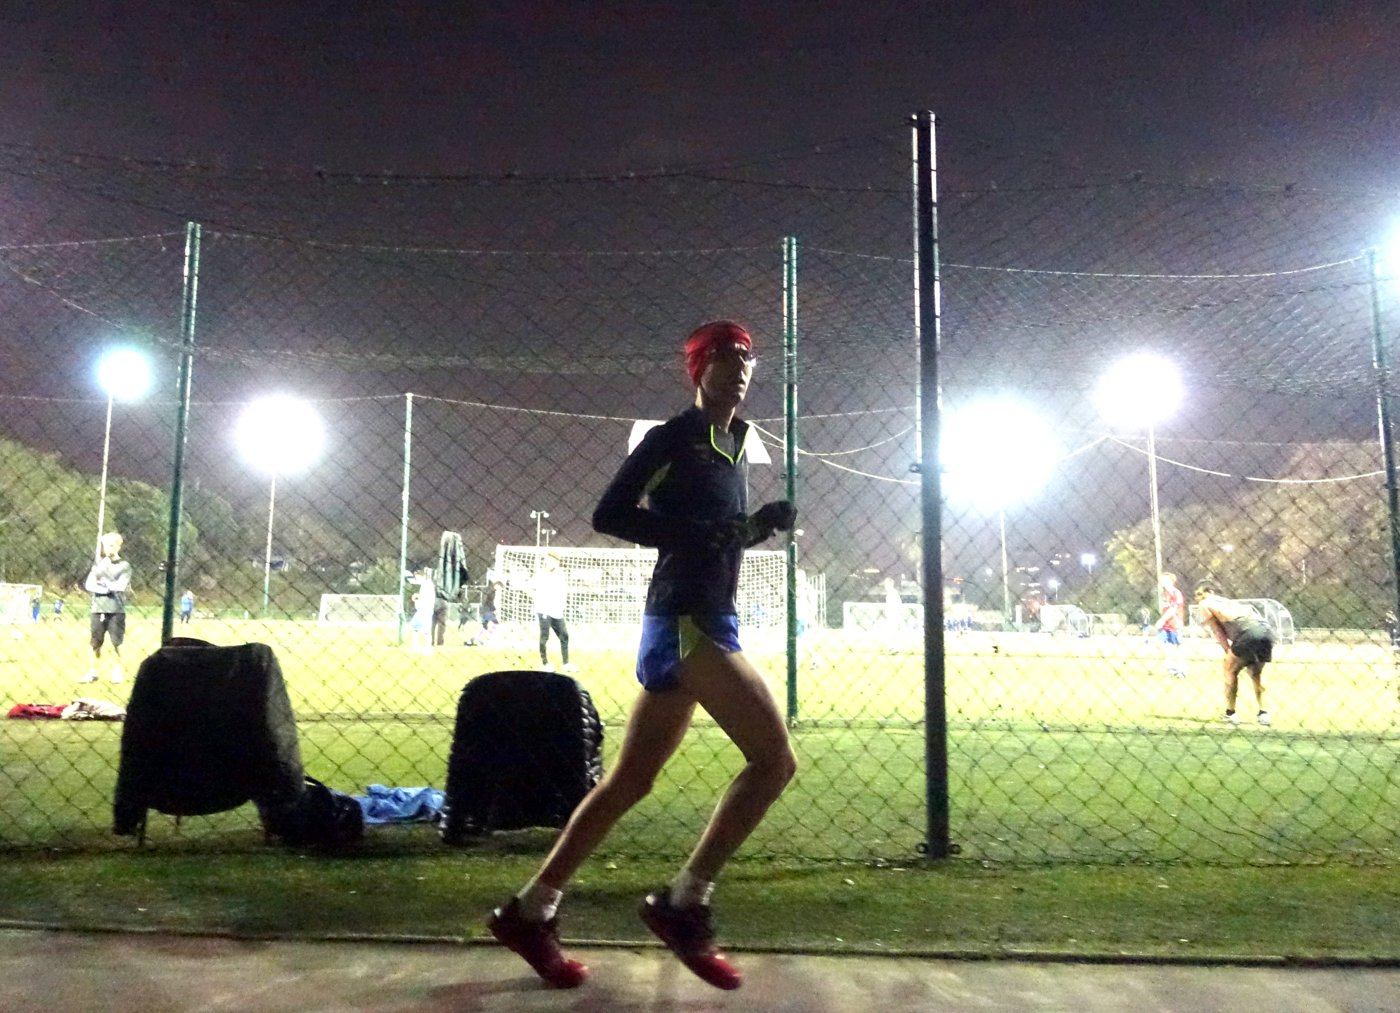 ריצת נפח, ריצת טמפו, פארטלק ואימון אינטרוולים